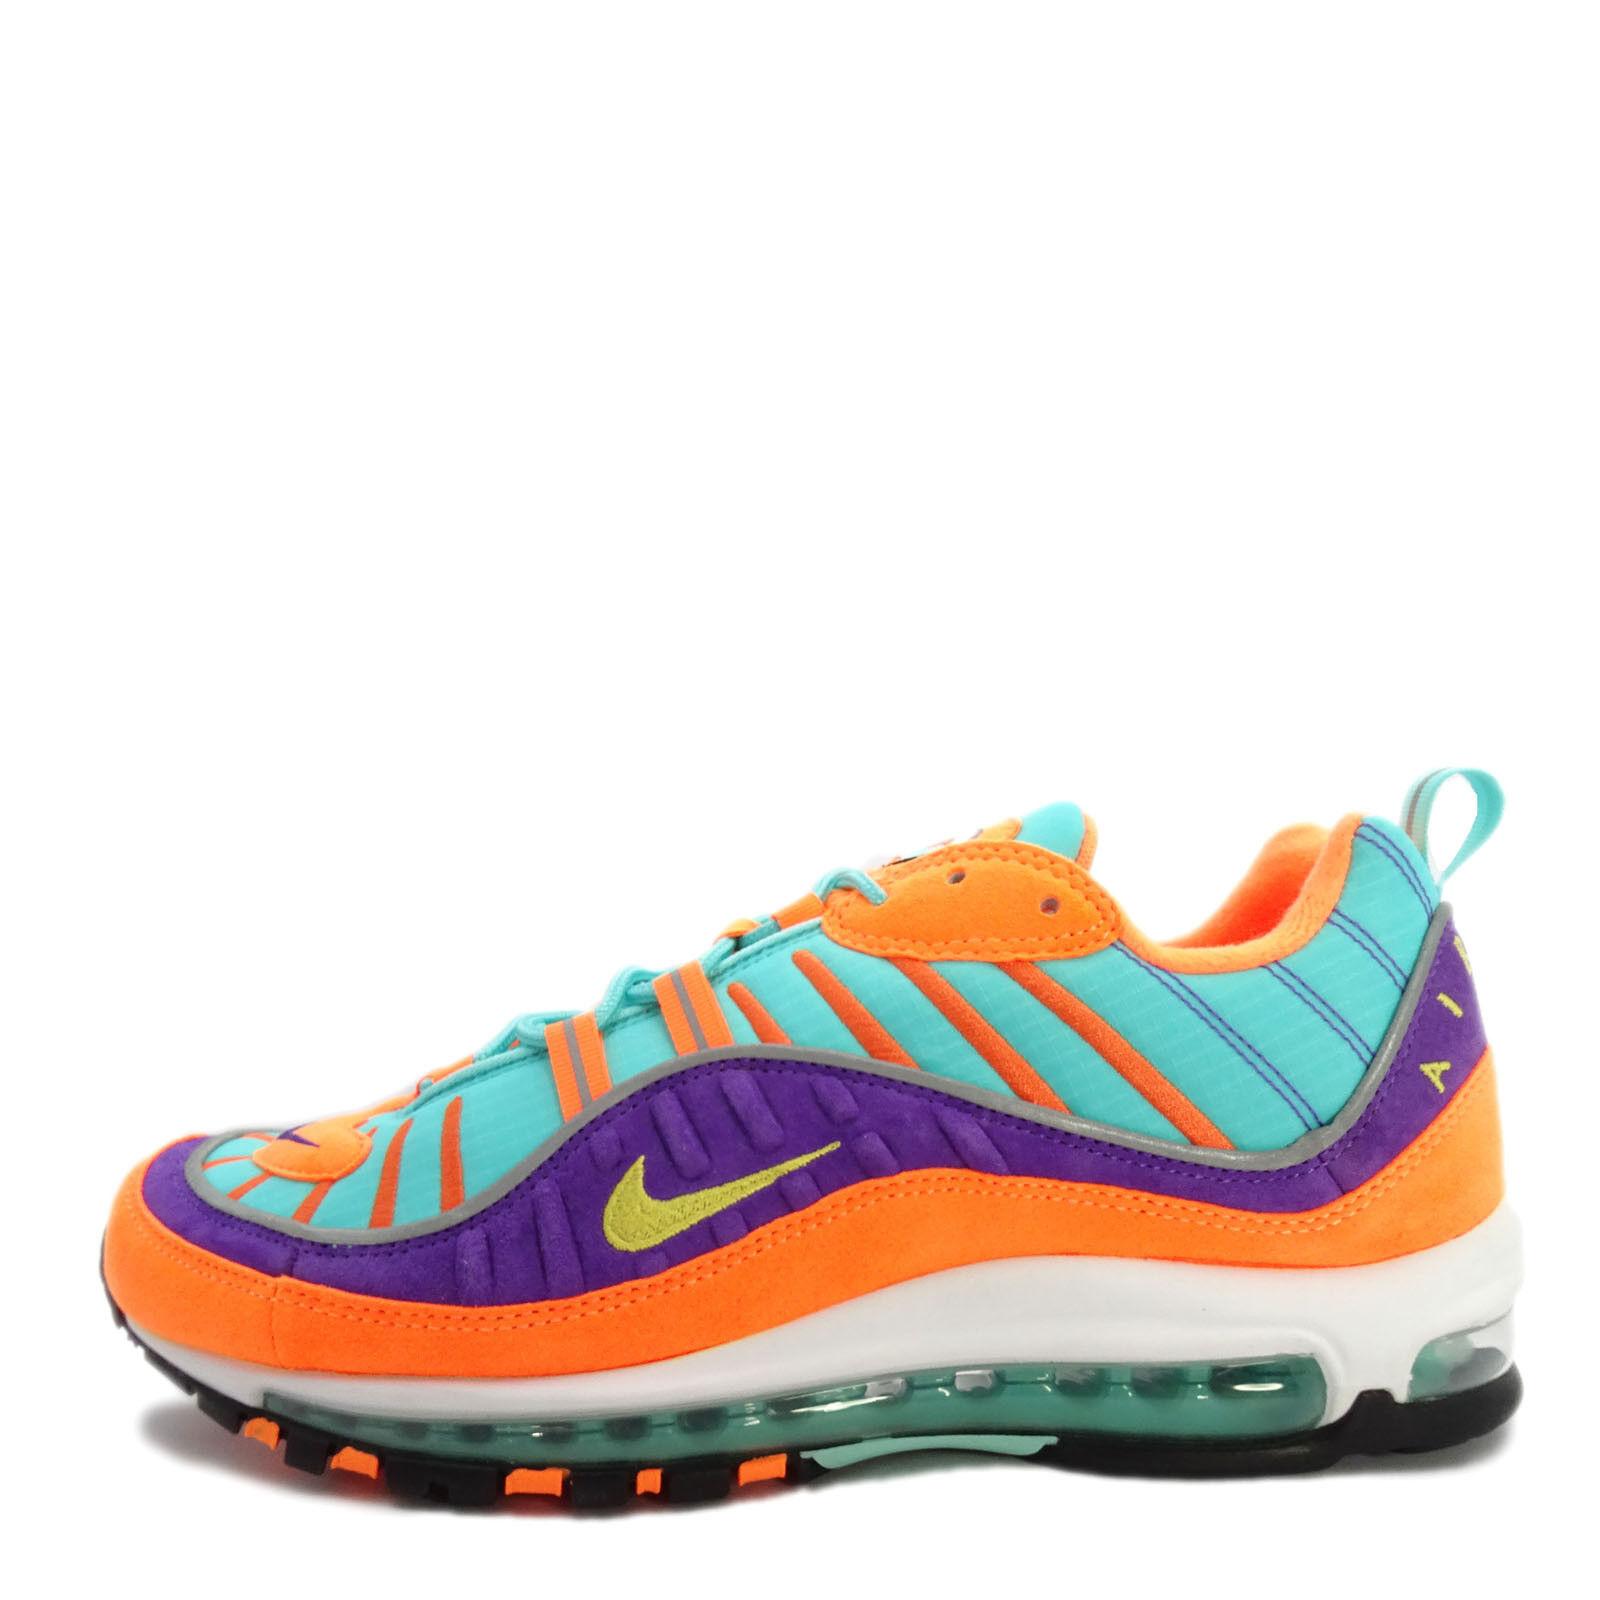 Nike air max 97 qs [924462-800] uomini scarpe casual cono / tour giallo cono / tour yellow-hyper uva 9